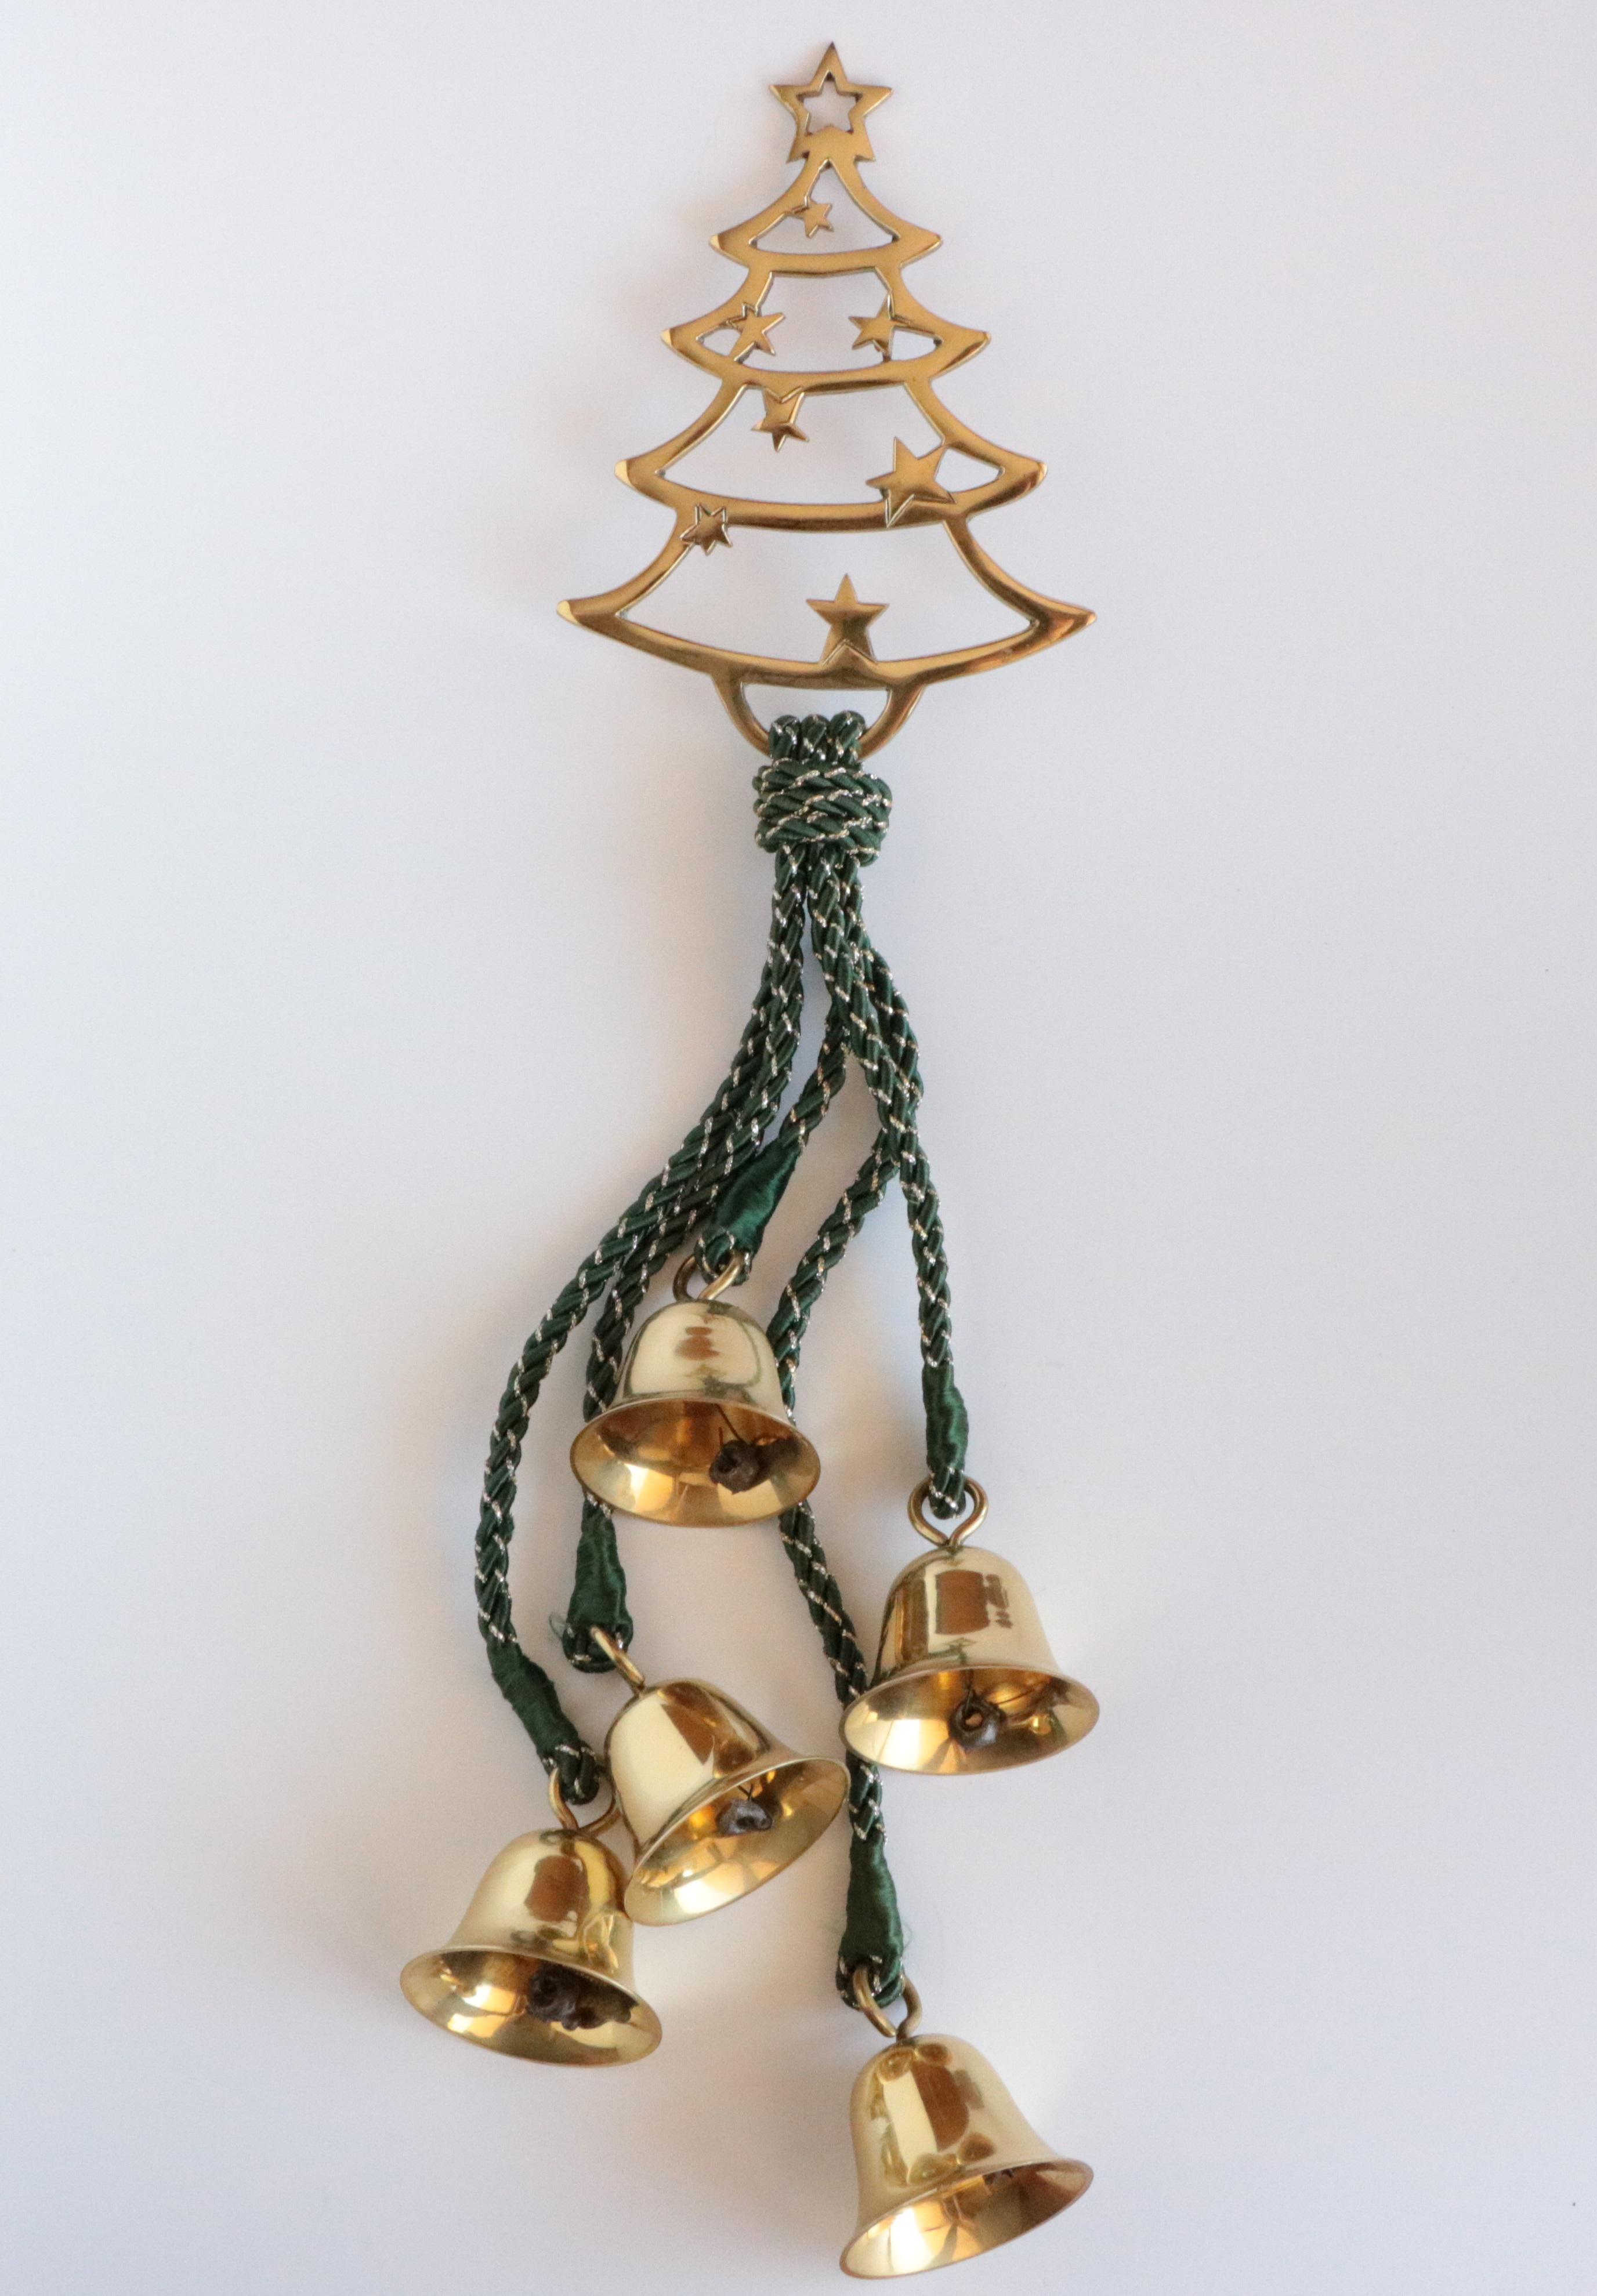 Brass Christmas Tree U0026 Bells Door Hanging For Sale   Image 4 ...